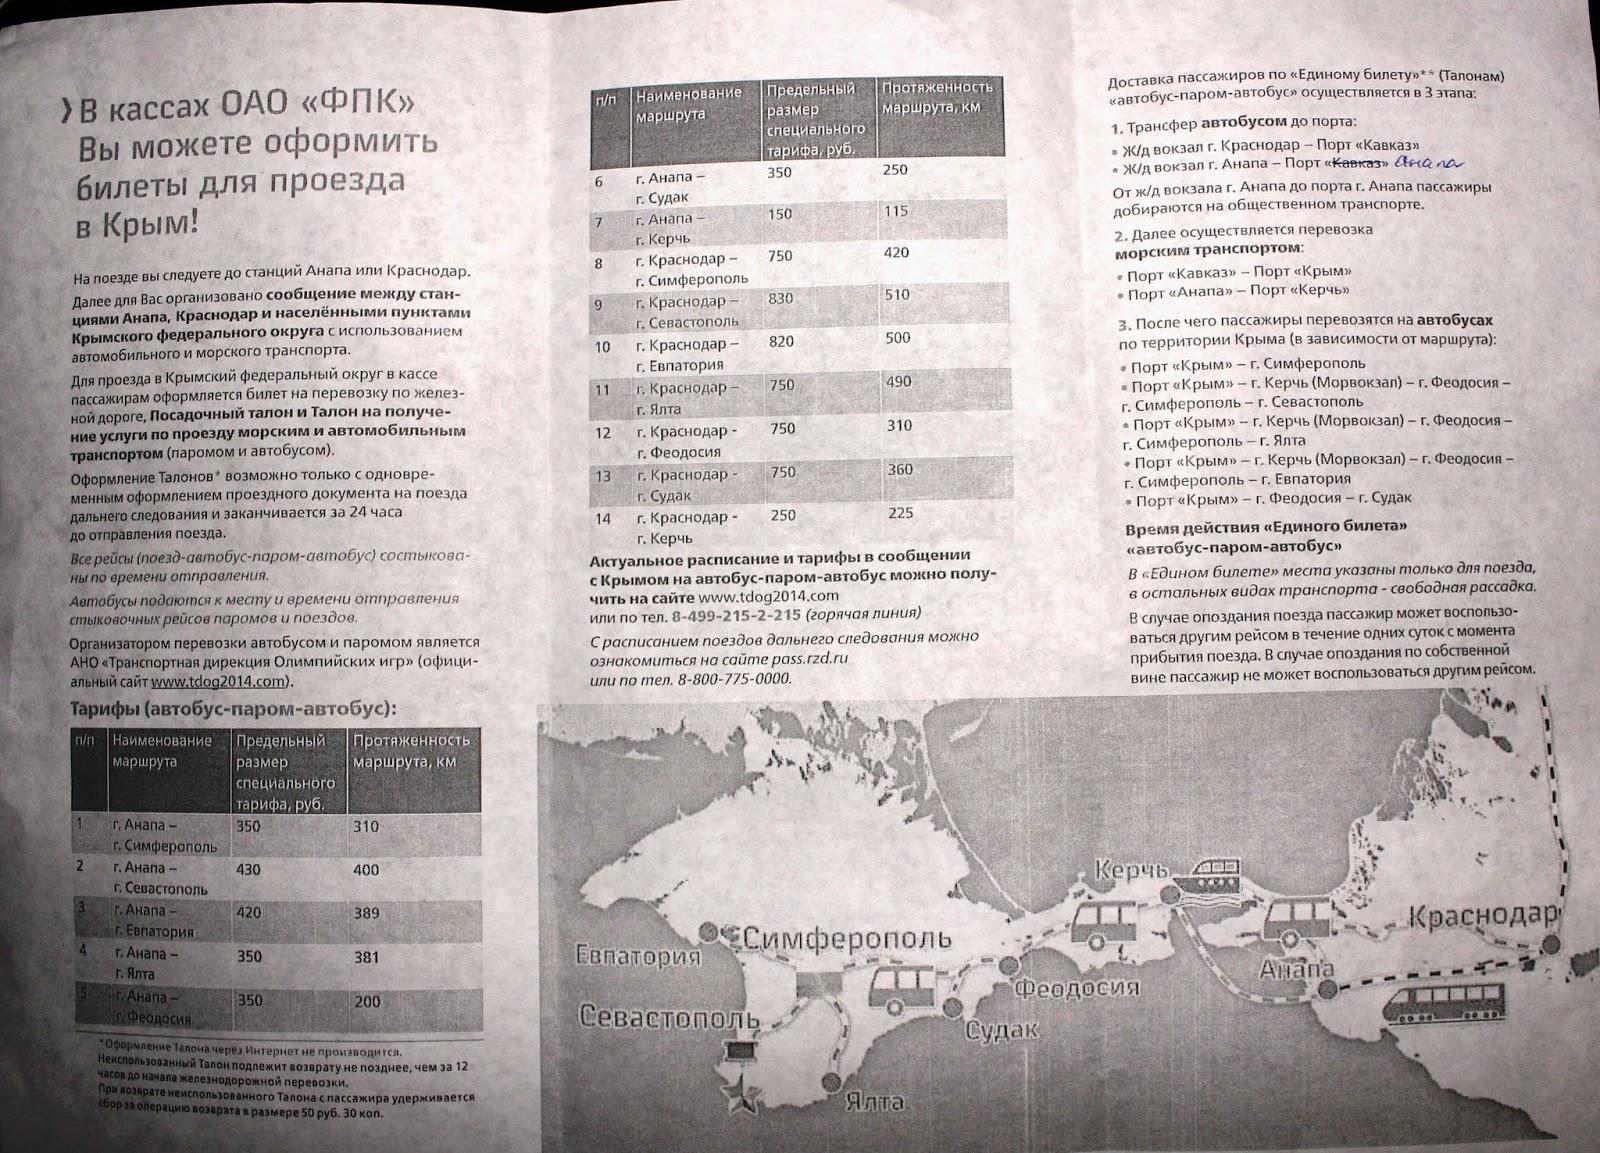 Расписание автобусов по единому билету в крым из краснодара в июле-августе.